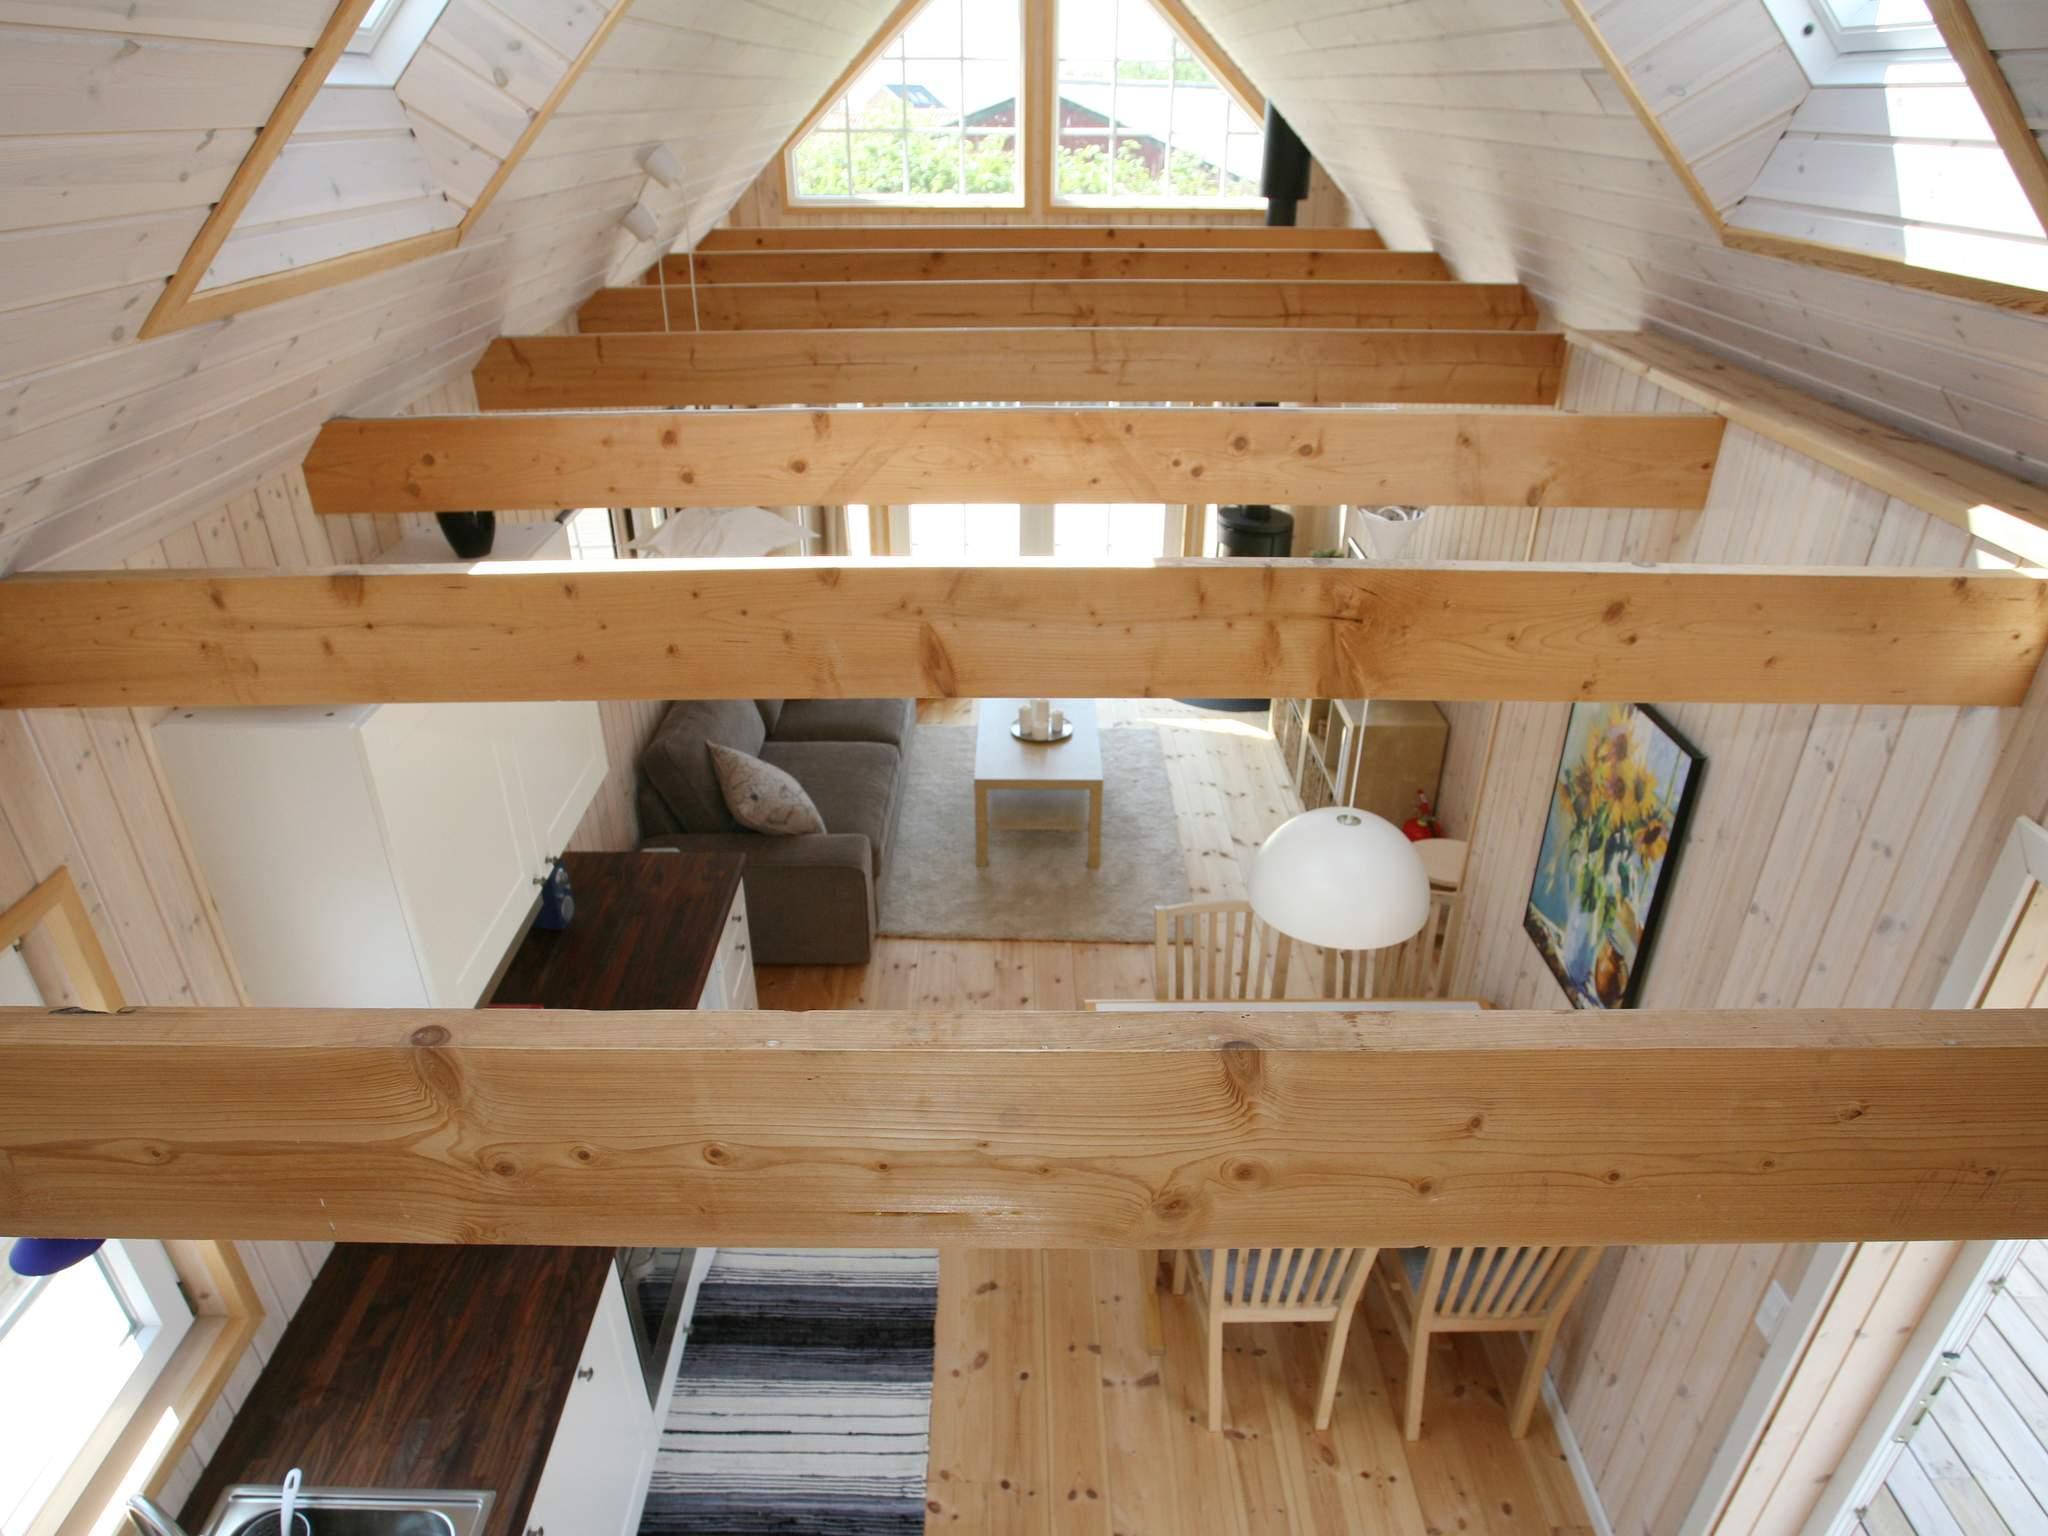 Ferienhaus Karrebæksminde (590968), Karrebæksminde, , Südseeland, Dänemark, Bild 8